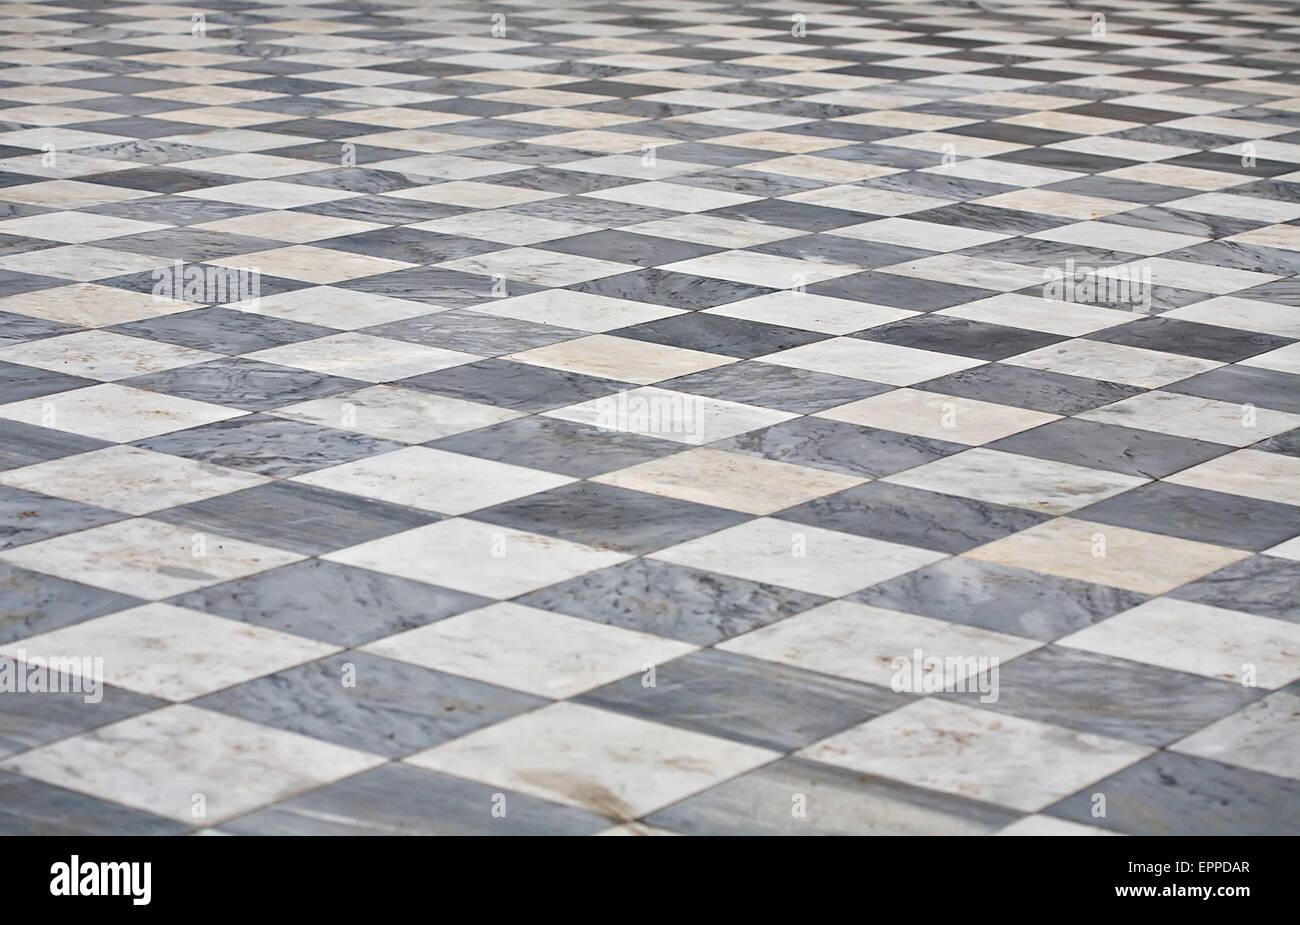 Schwarze Und Weisse Marmor Quadratmeter Boden Muster Perspektivische